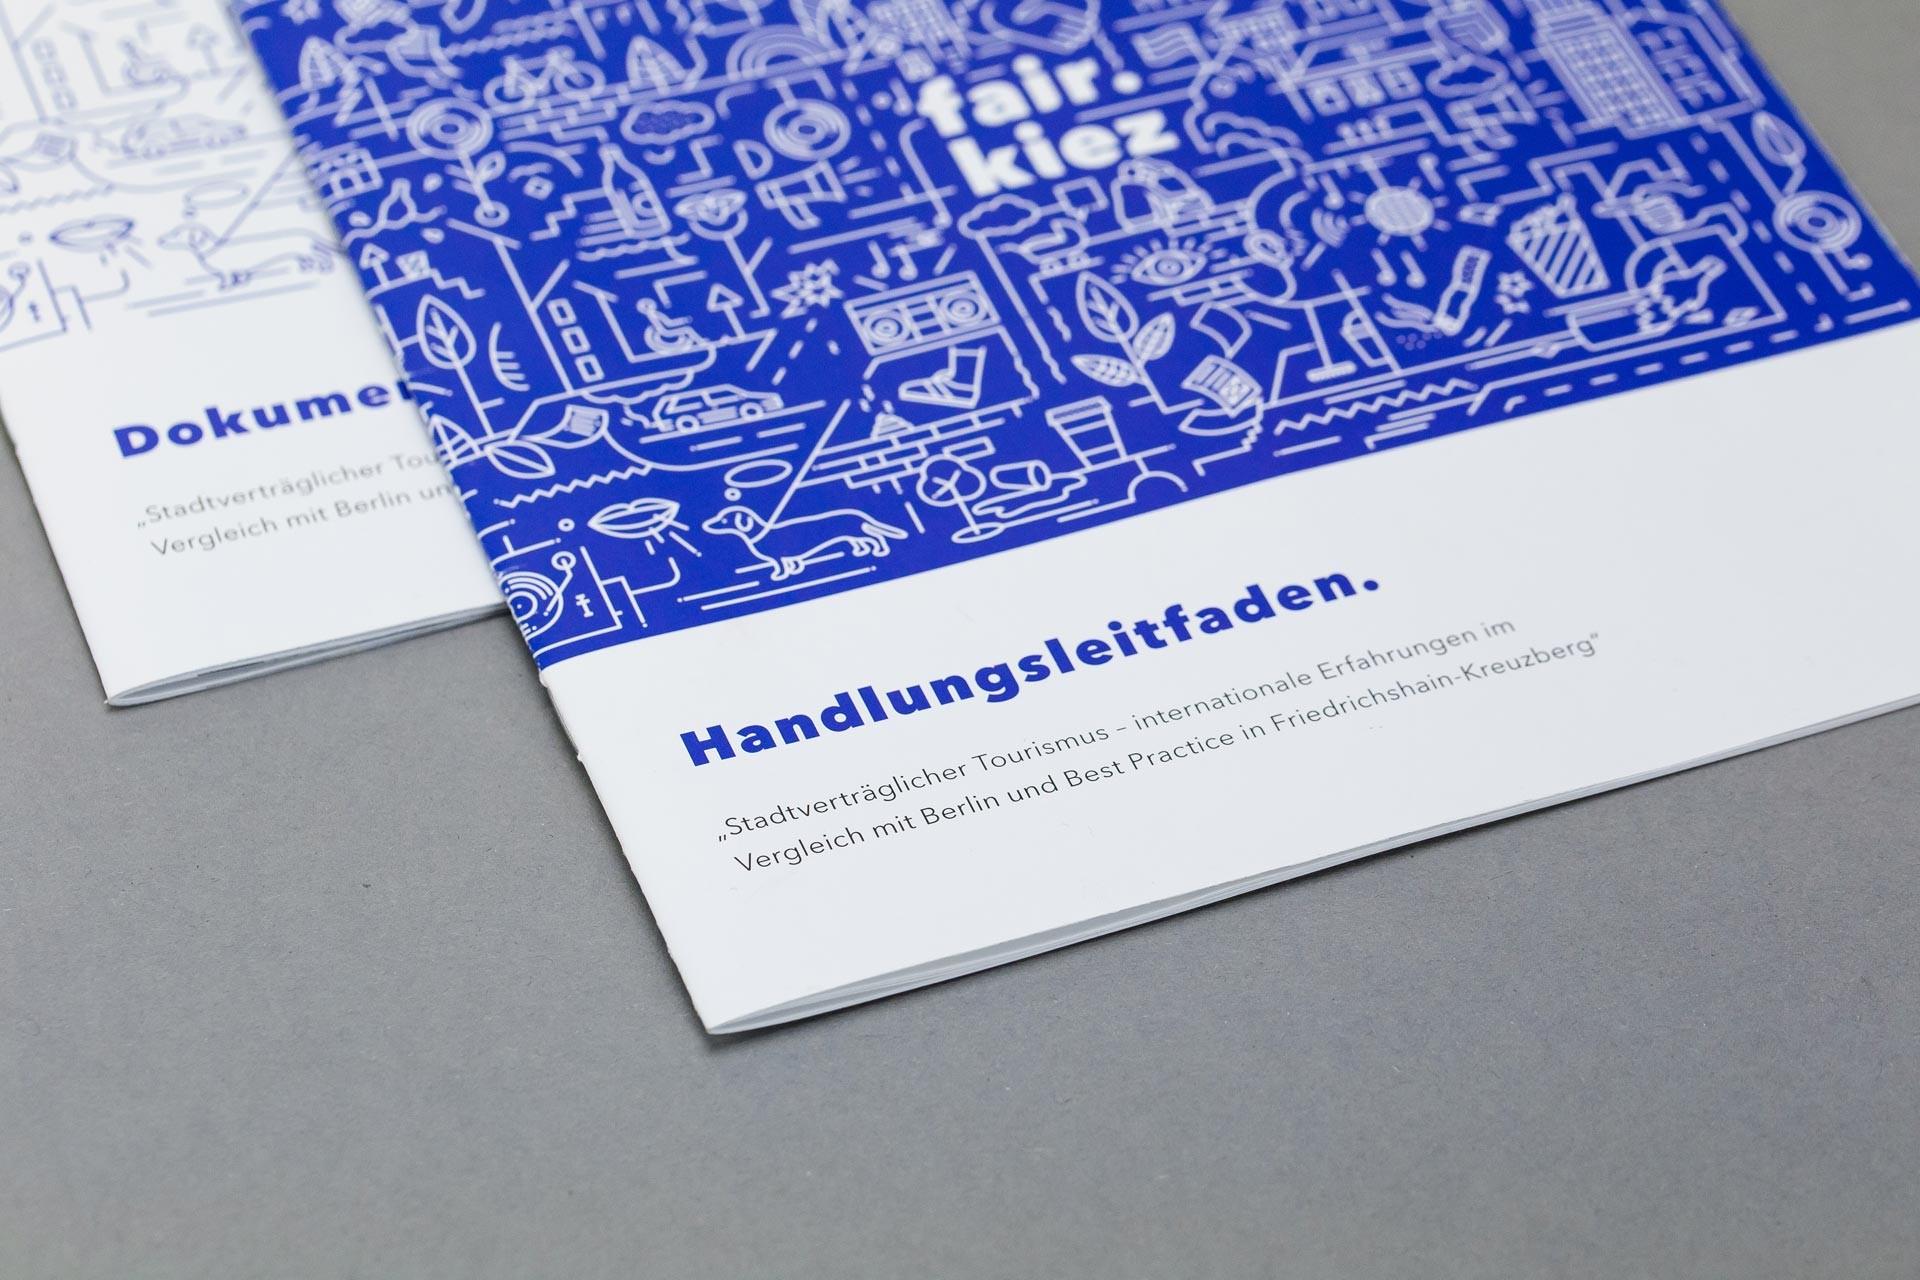 markburg – Studio für Markenbildung & Gestaltung fairkiez